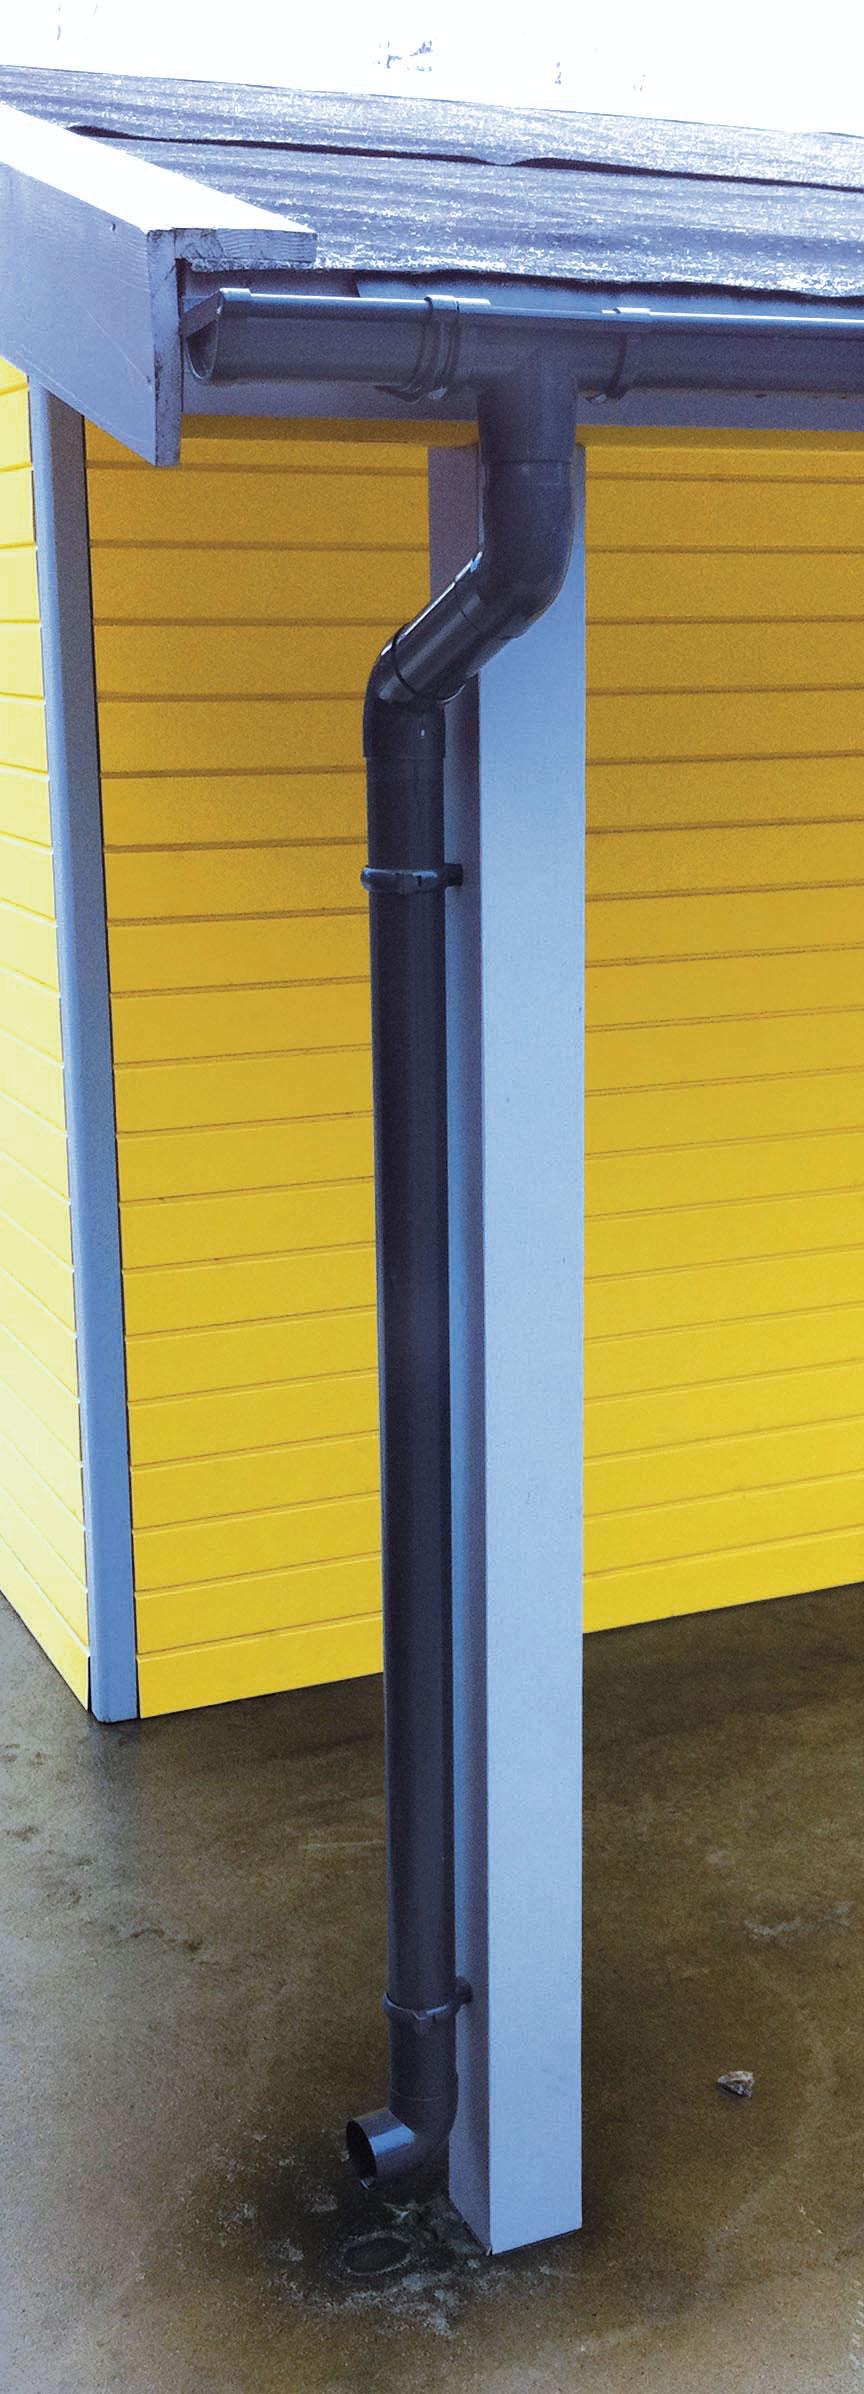 Dachrinnen Ergänzungsset RG80 410B Anbauten PVC Halter rund anthrazit Bild 1